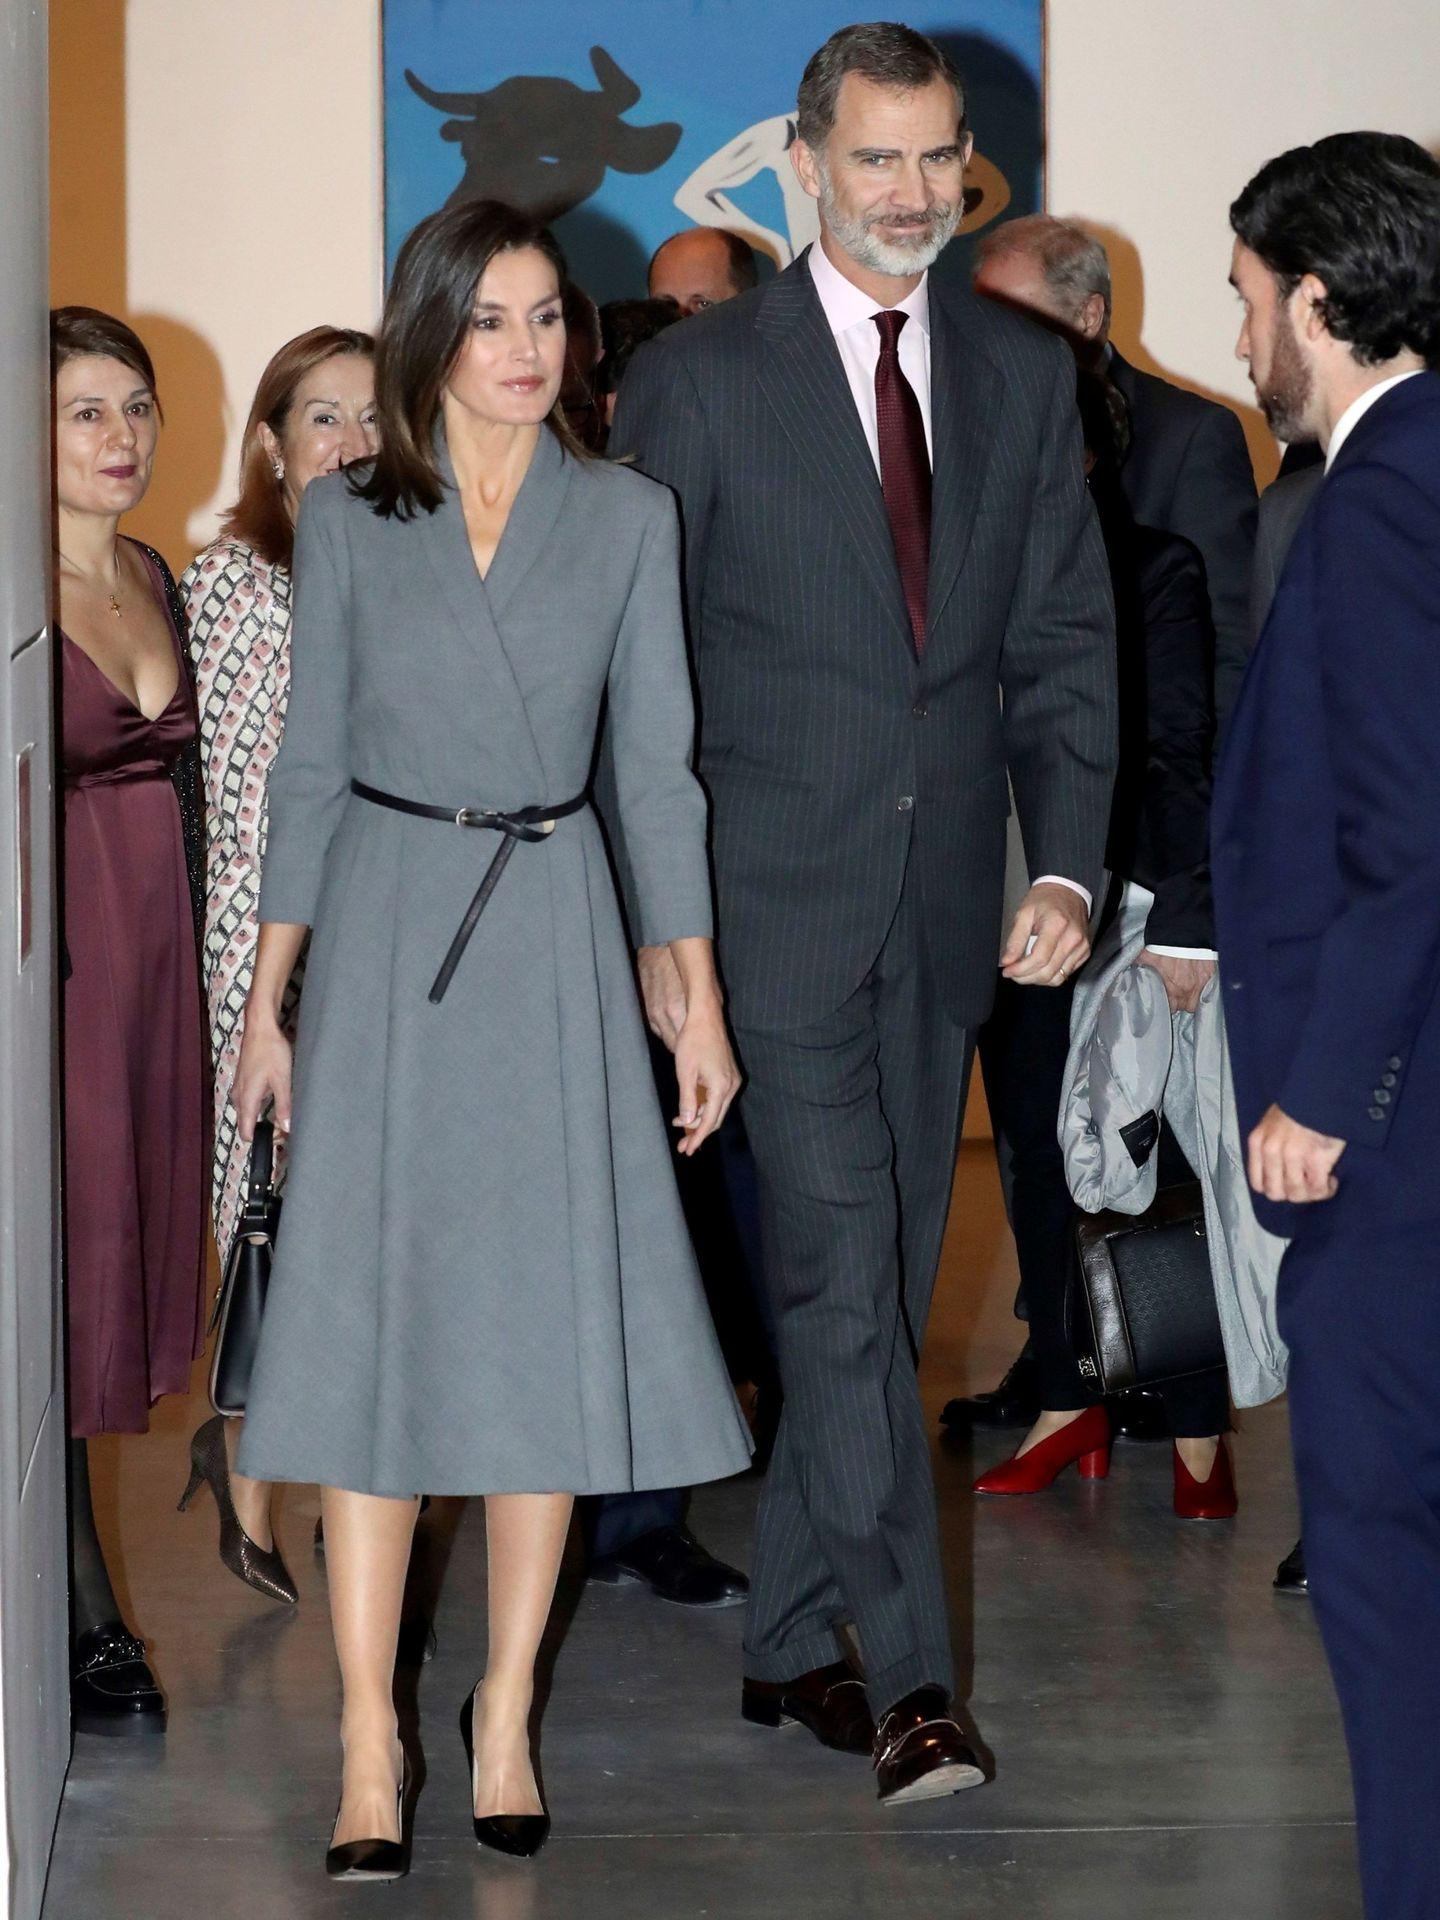 La Reina con el vestido gris el día que lo estrenó. (Efe)